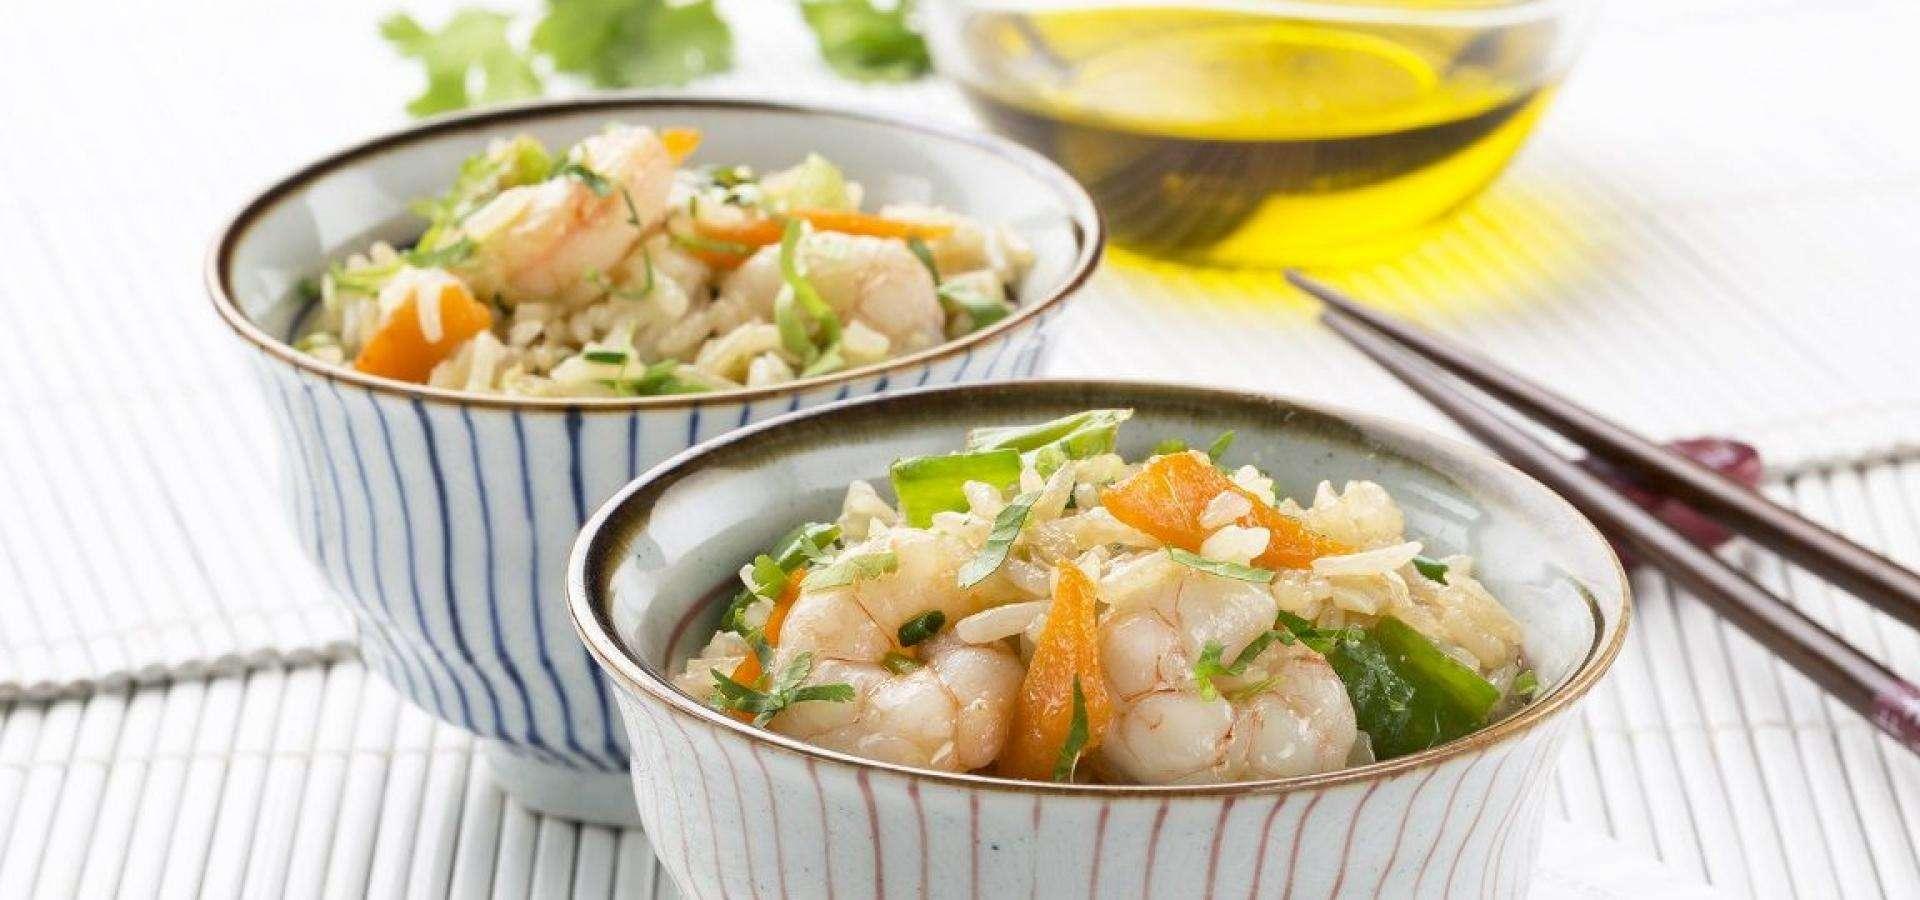 Receta de arroz salteado con verduras y gambas